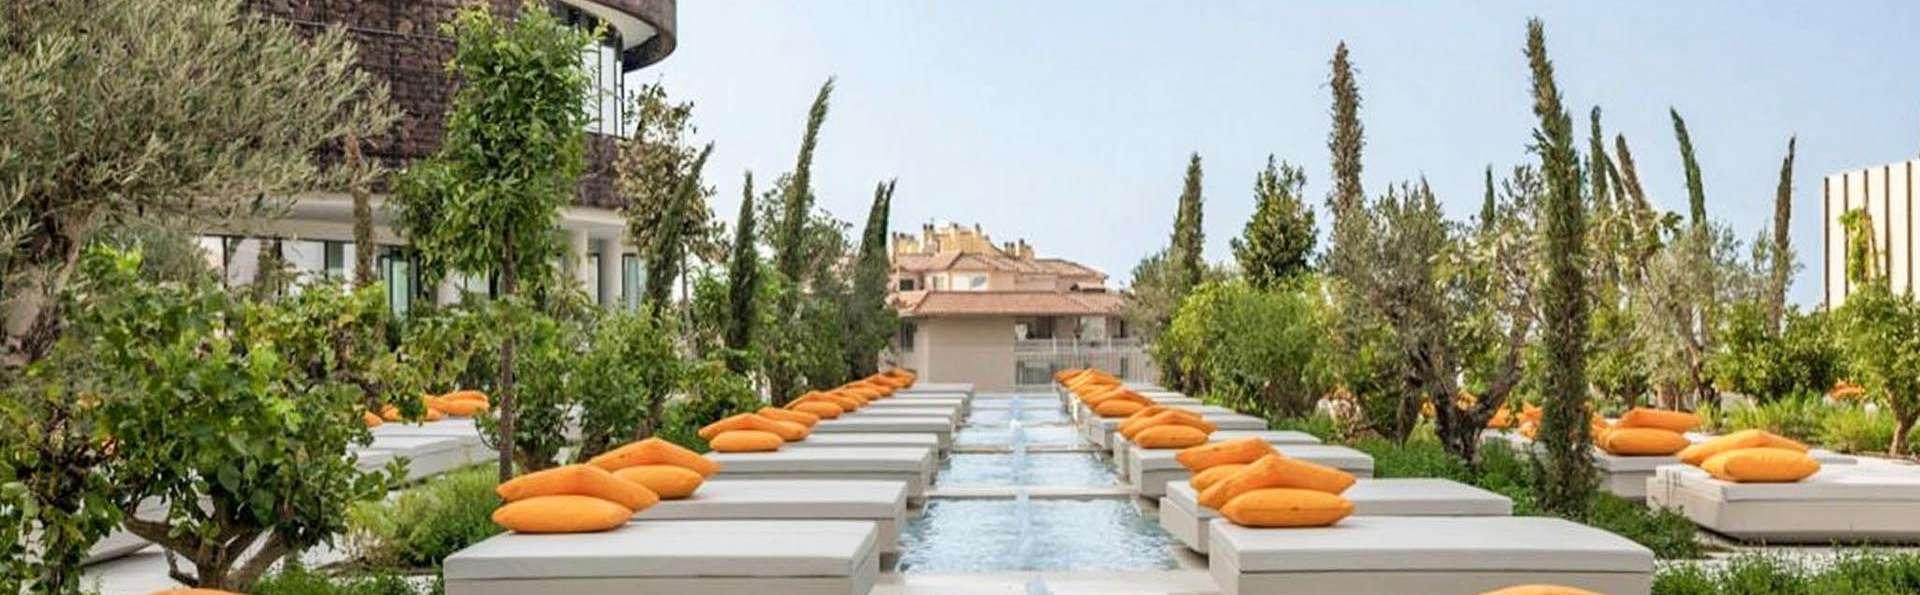 Bienestar a 5* con piscina balinesa y desayuno en Fuengirola, Málaga